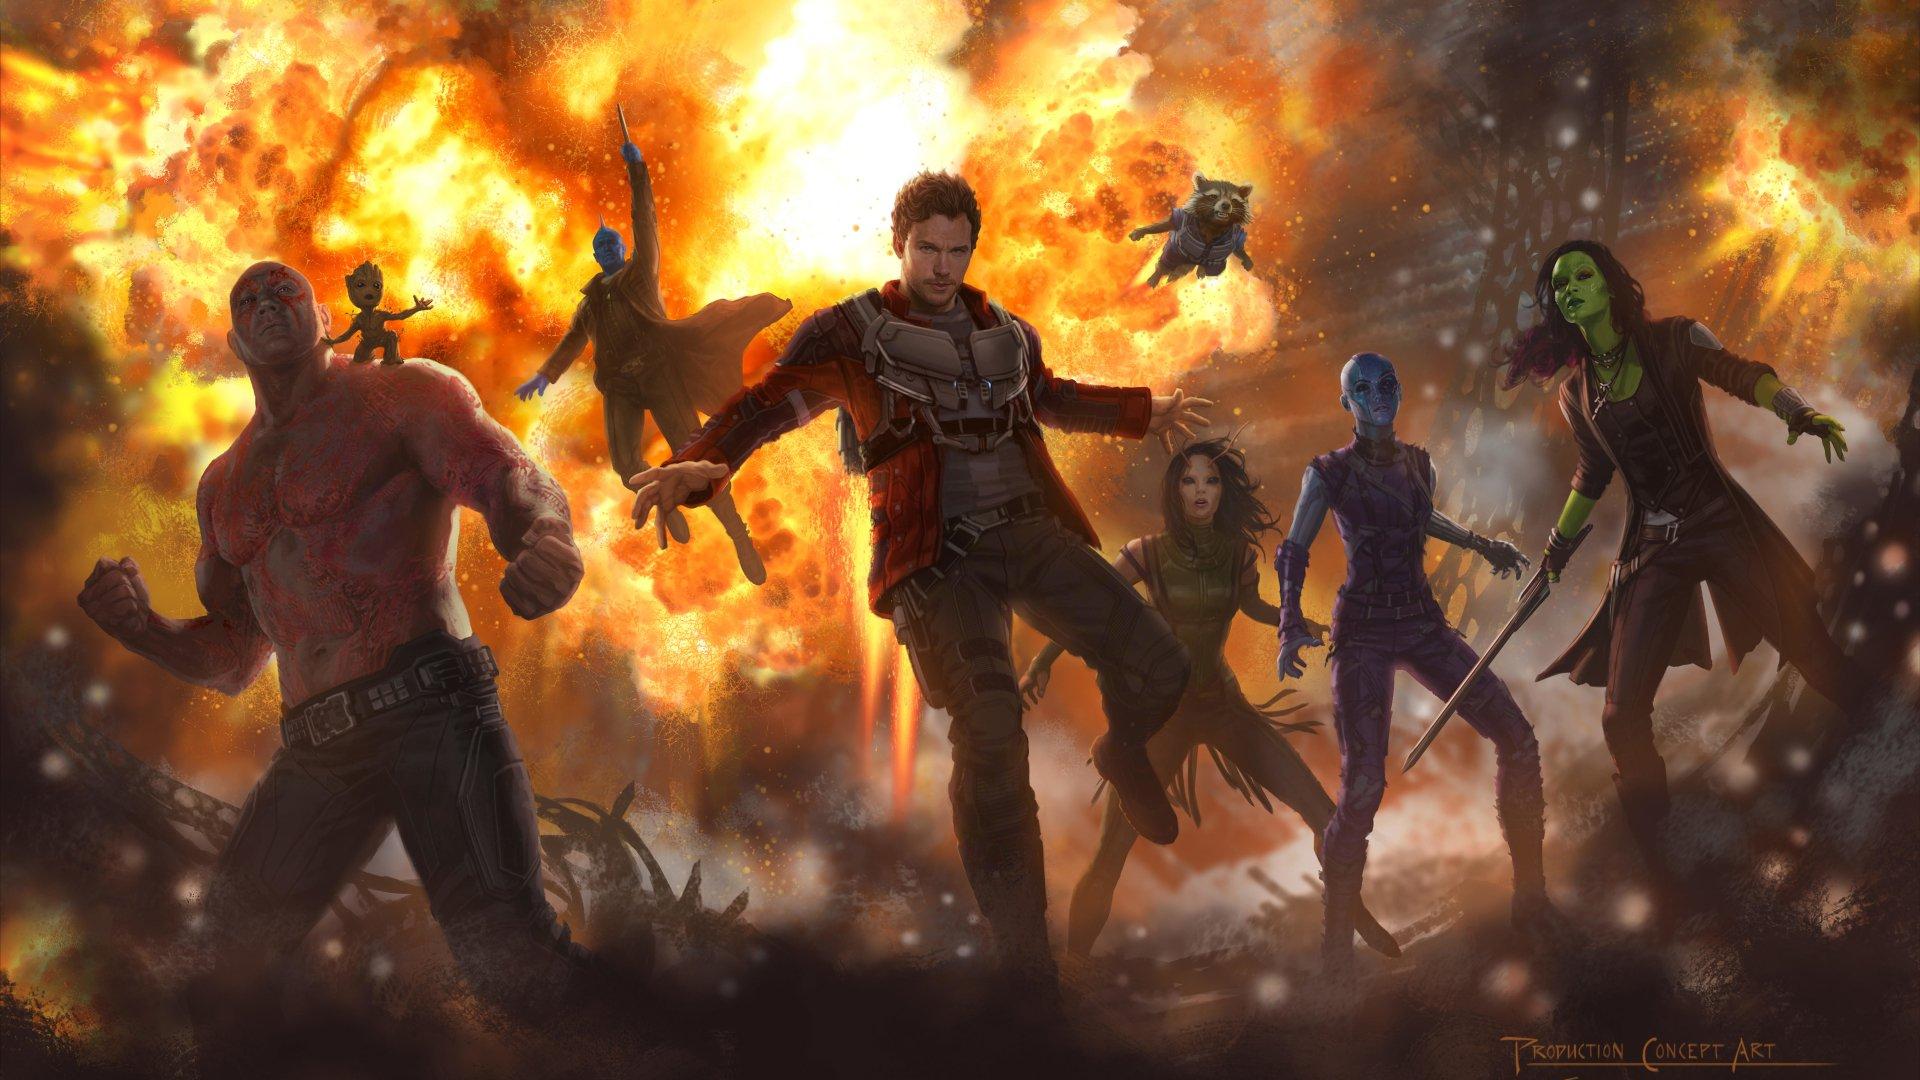 Guardians Of The Galaxy Vol 2 06 Ps4wallpaperscom